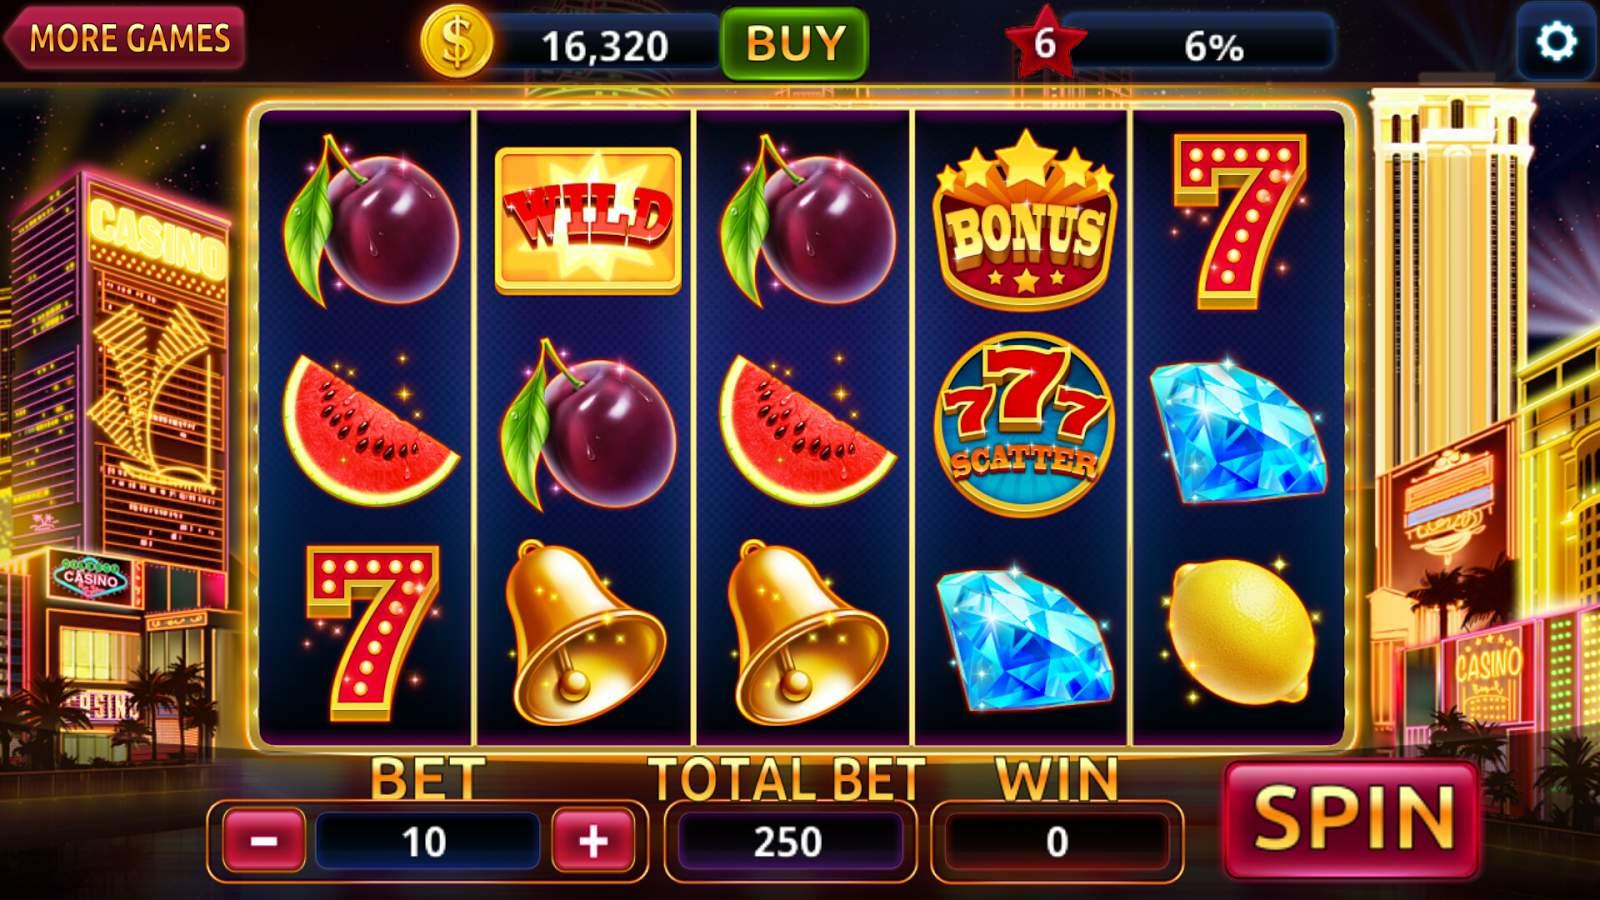 Распространенные варианты игровых слотов и азартные игры